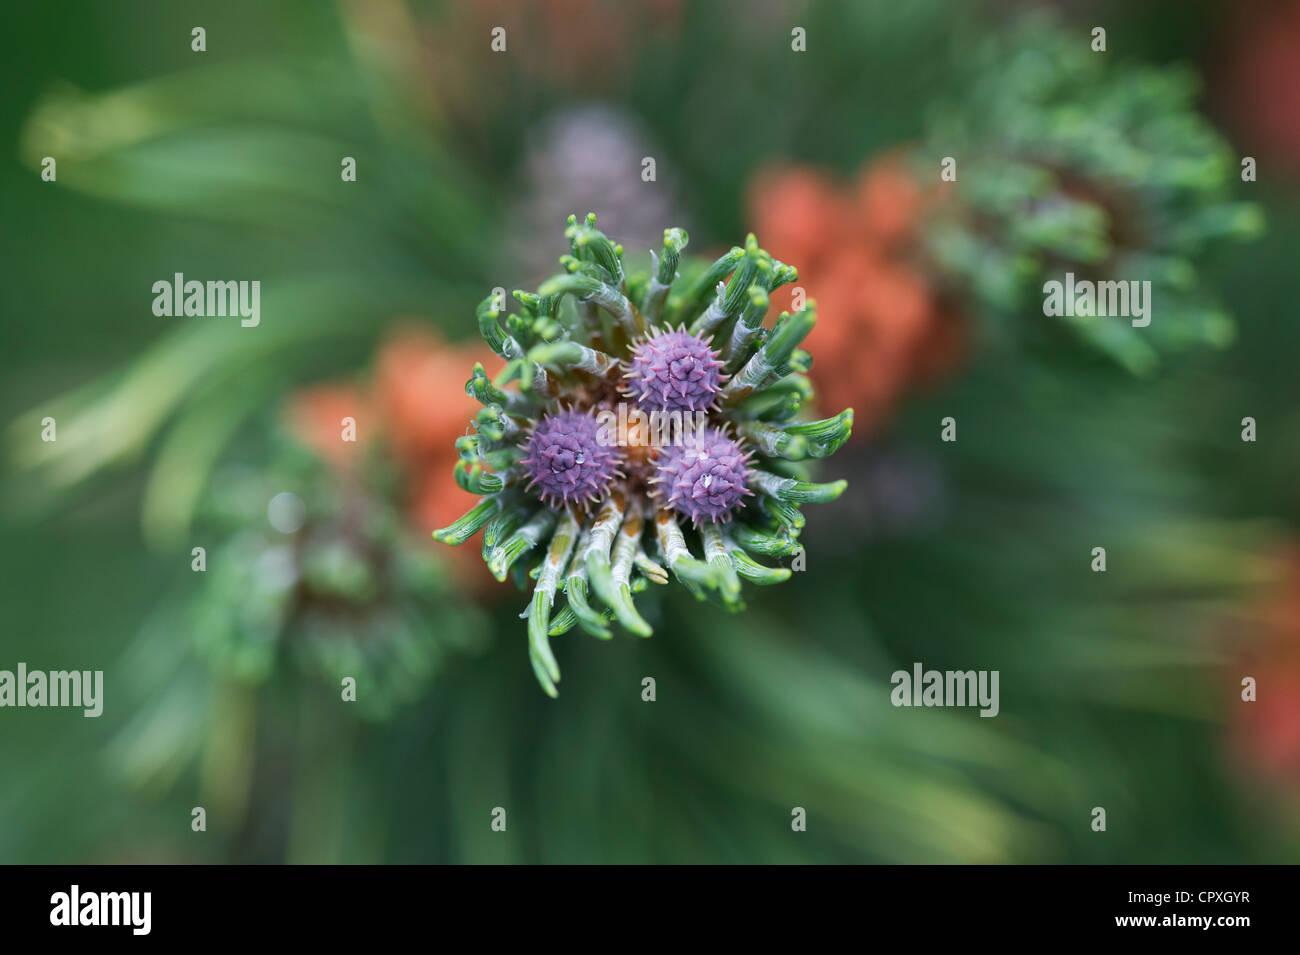 Pinus mugo. Swiss mountain pine or Mugo Pine - Stock Image